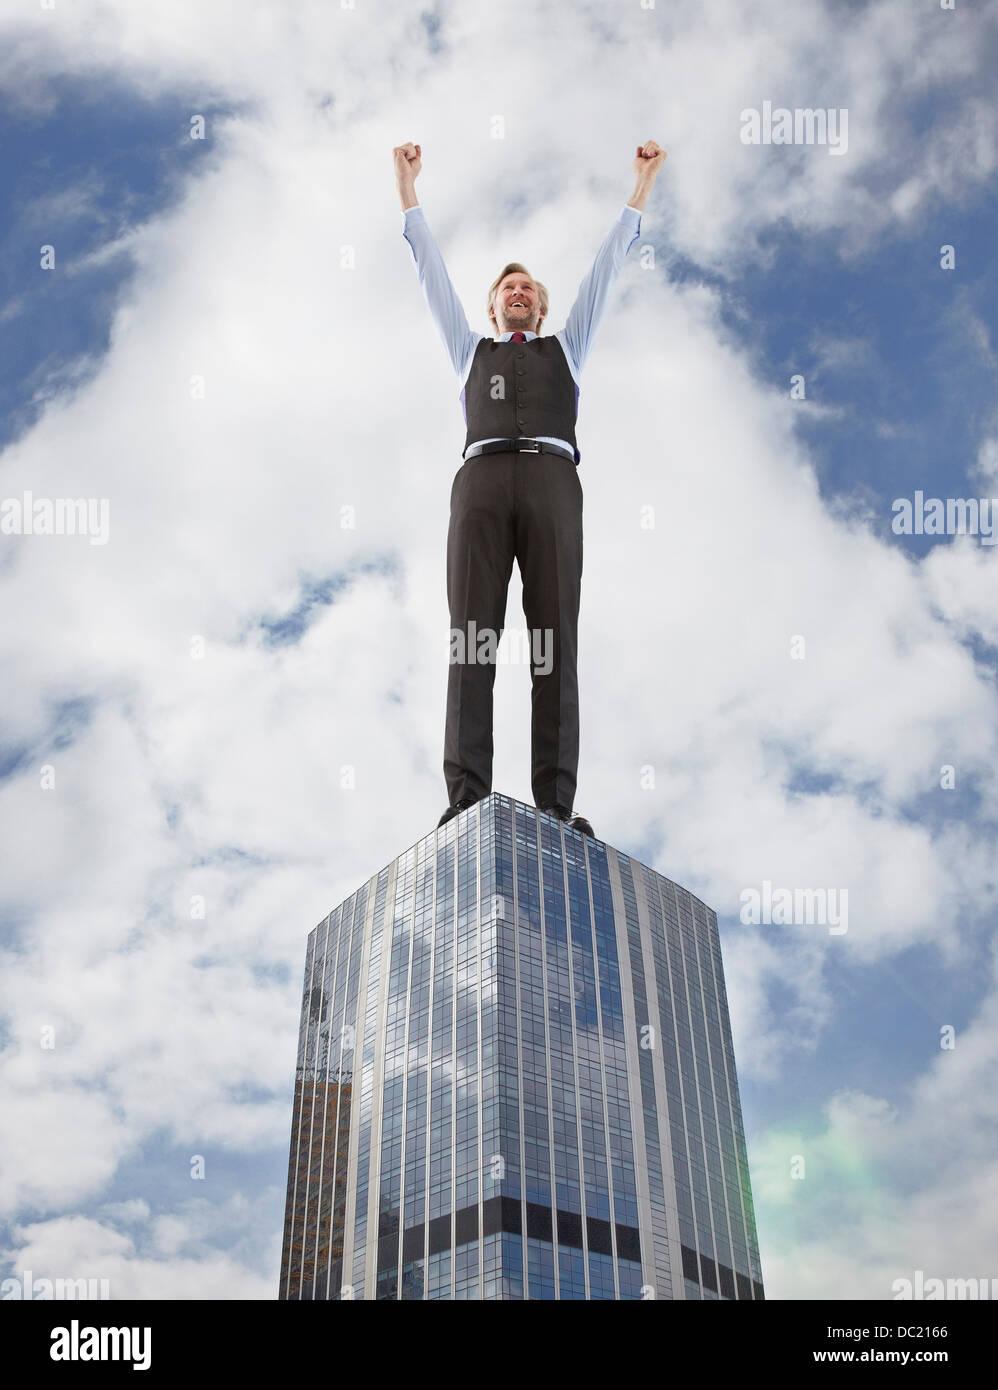 Businessman cheering surdimensionnés sur skyscraper, low angle view Photo Stock